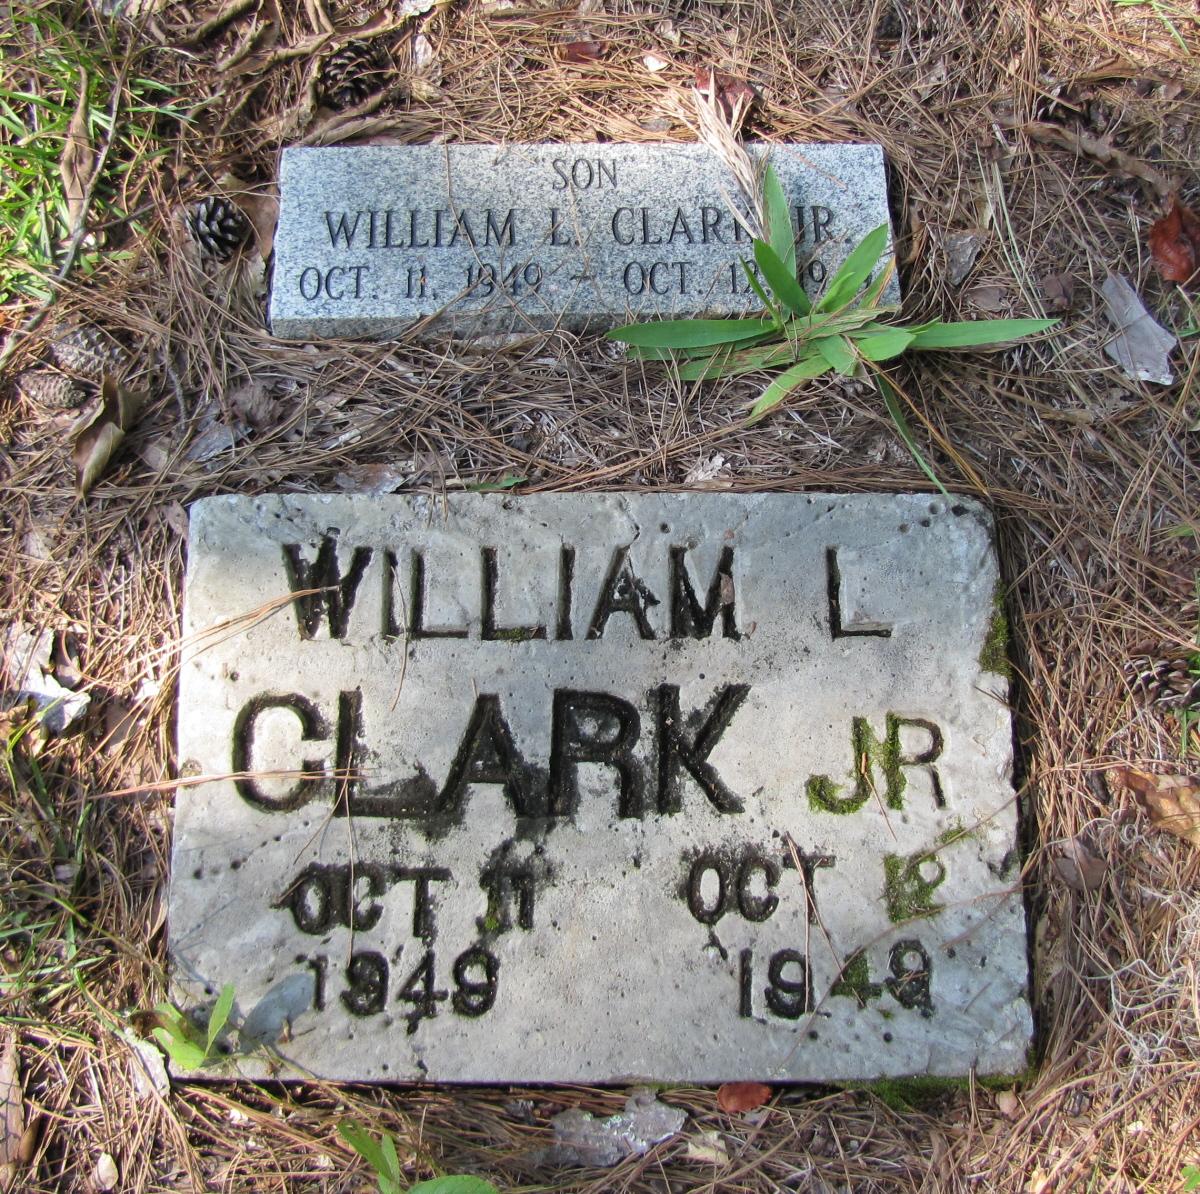 William L. Clark, Jr